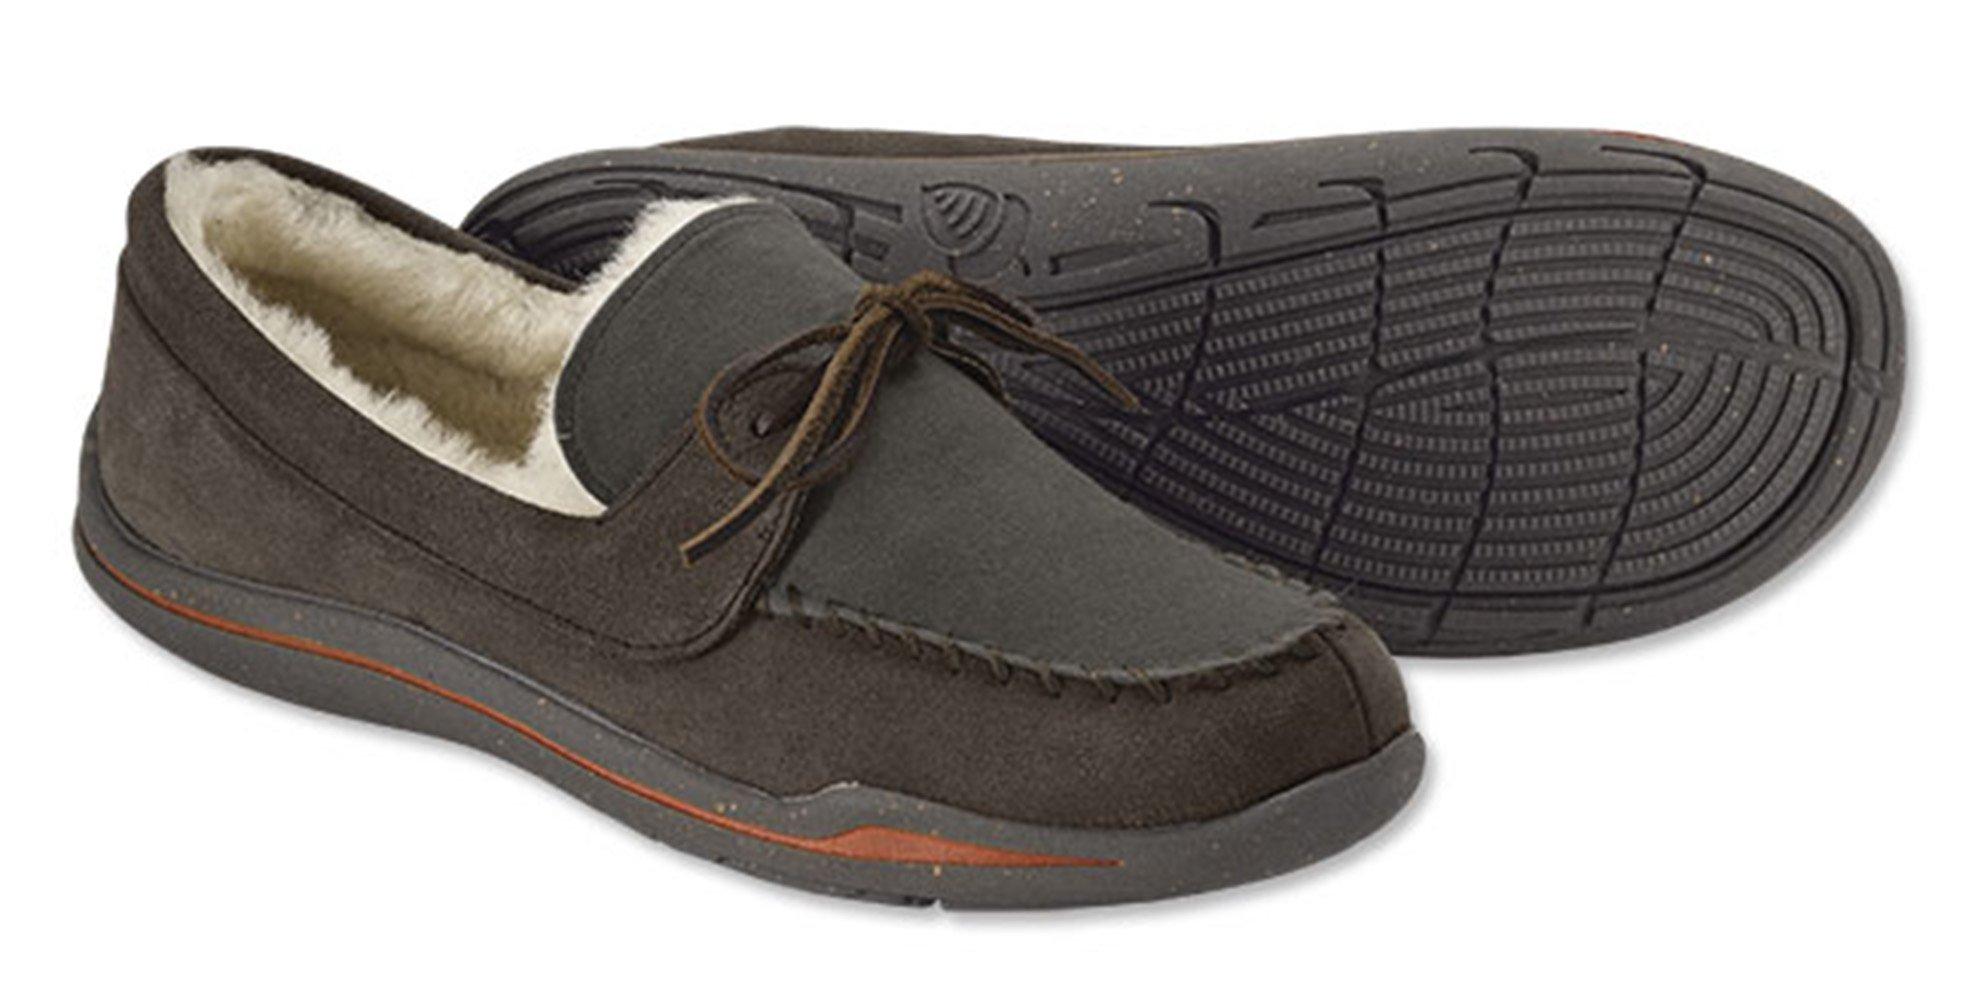 Orvis Men's Ultra-light Barefoot Moc-toe Slipper, Brown, 13